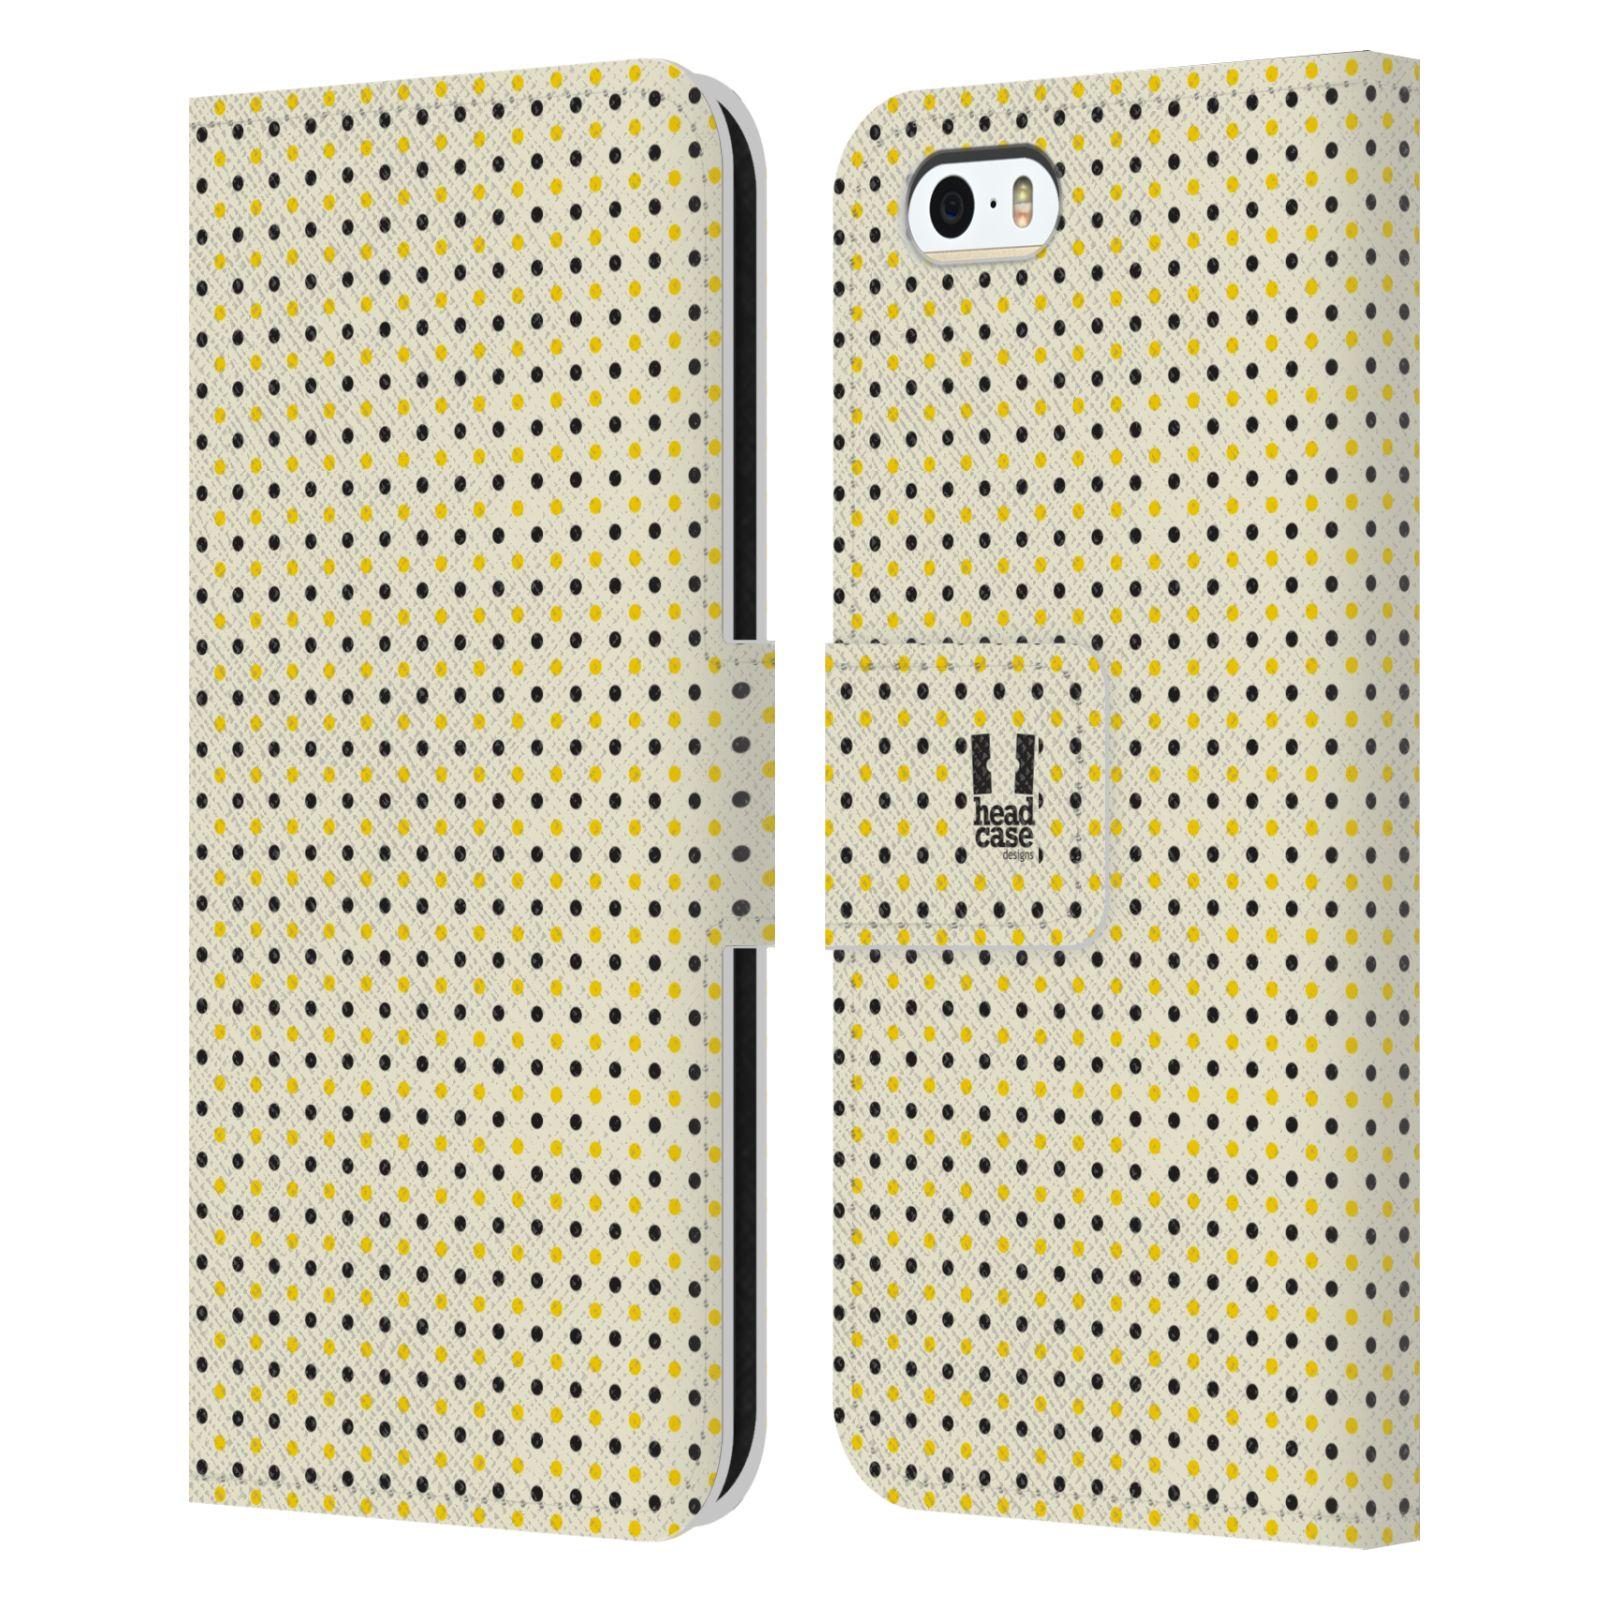 HEAD CASE Flipové pouzdro pro mobil Apple Iphone 5/5s VČELÍ VZOR tečky a puntíky